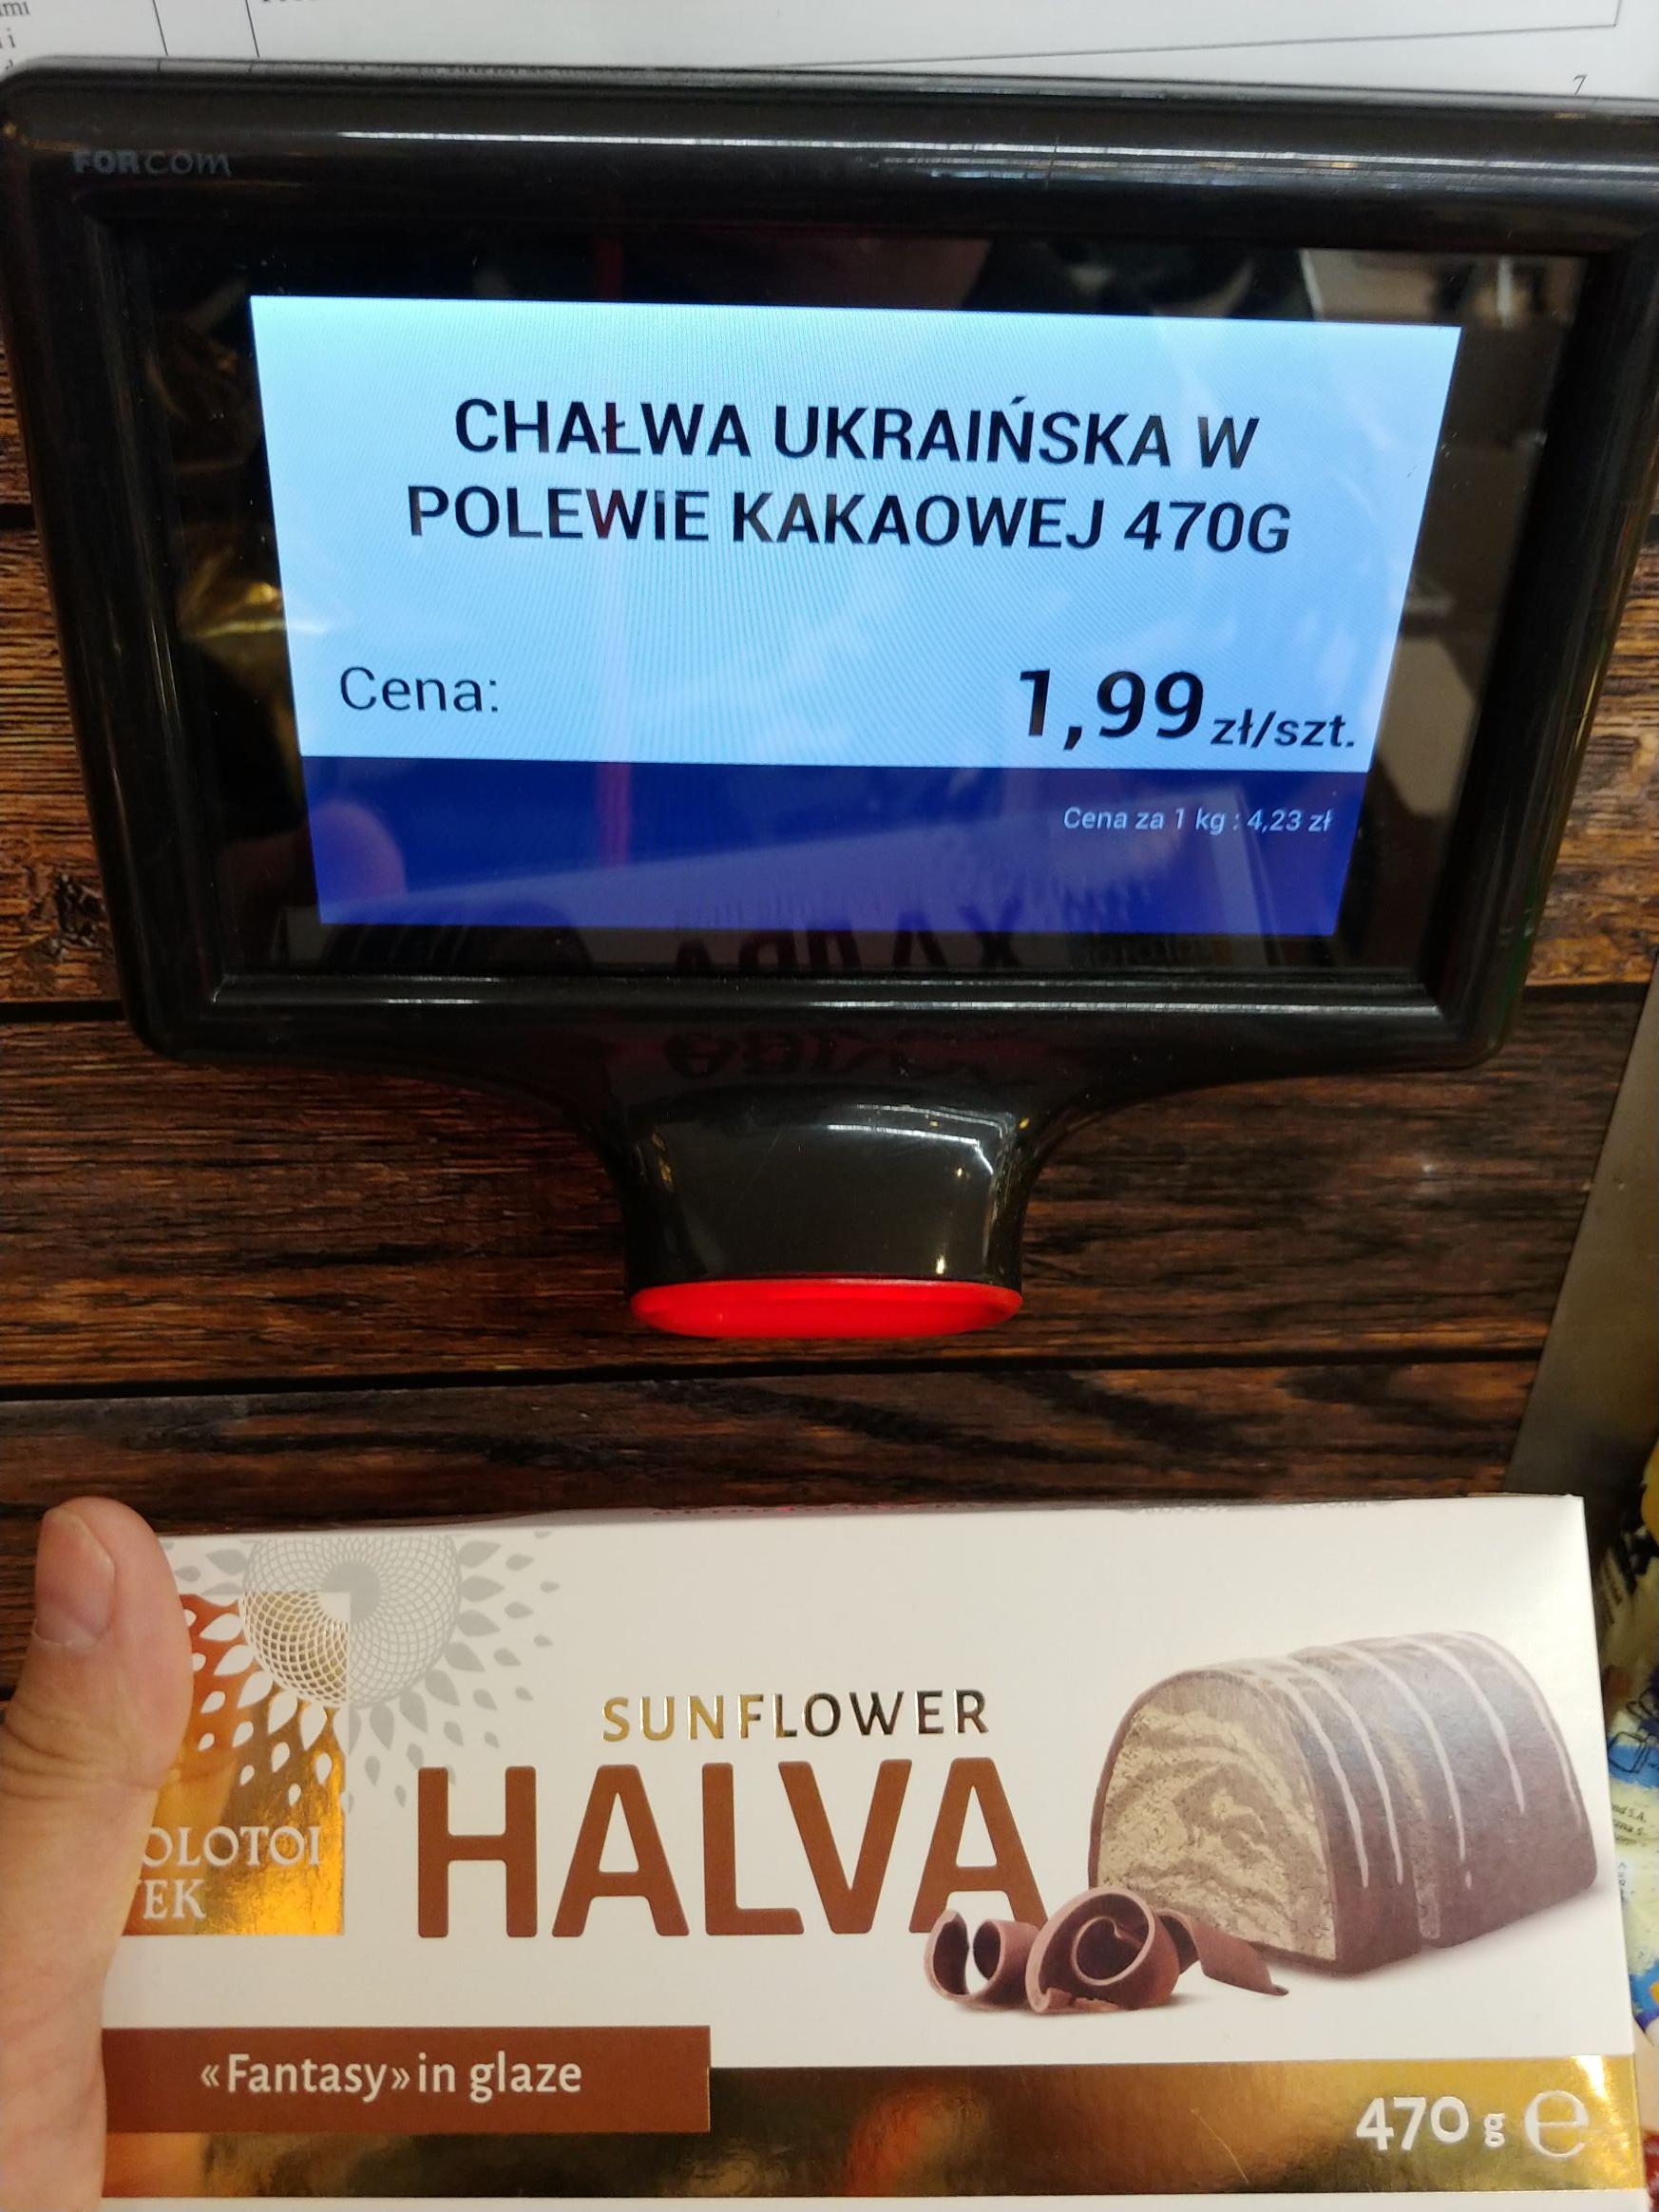 Chałwa Ukraińska 470g za 1.99!! W Biedronce.